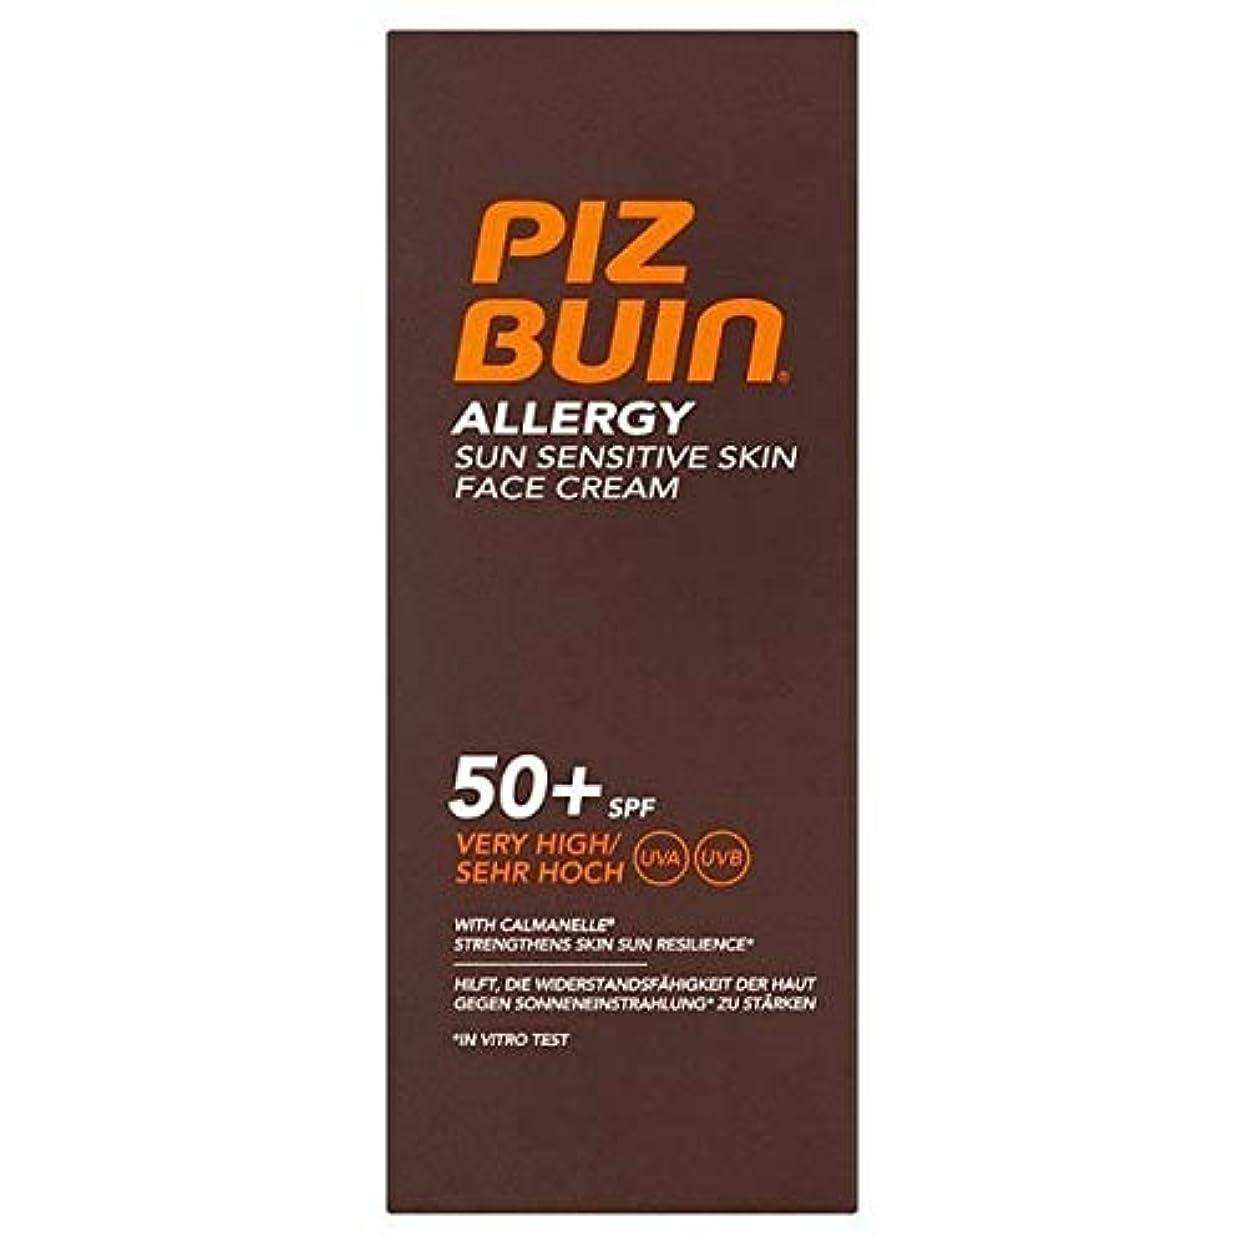 慣性割合ログ[Piz Buin] ピッツブーインアレルギーフェースクリームSpf 50+非常に高い40ミリリットル - Piz Buin Allergy Face Cream SPF 50+ Very High 40ml [並行輸入品]